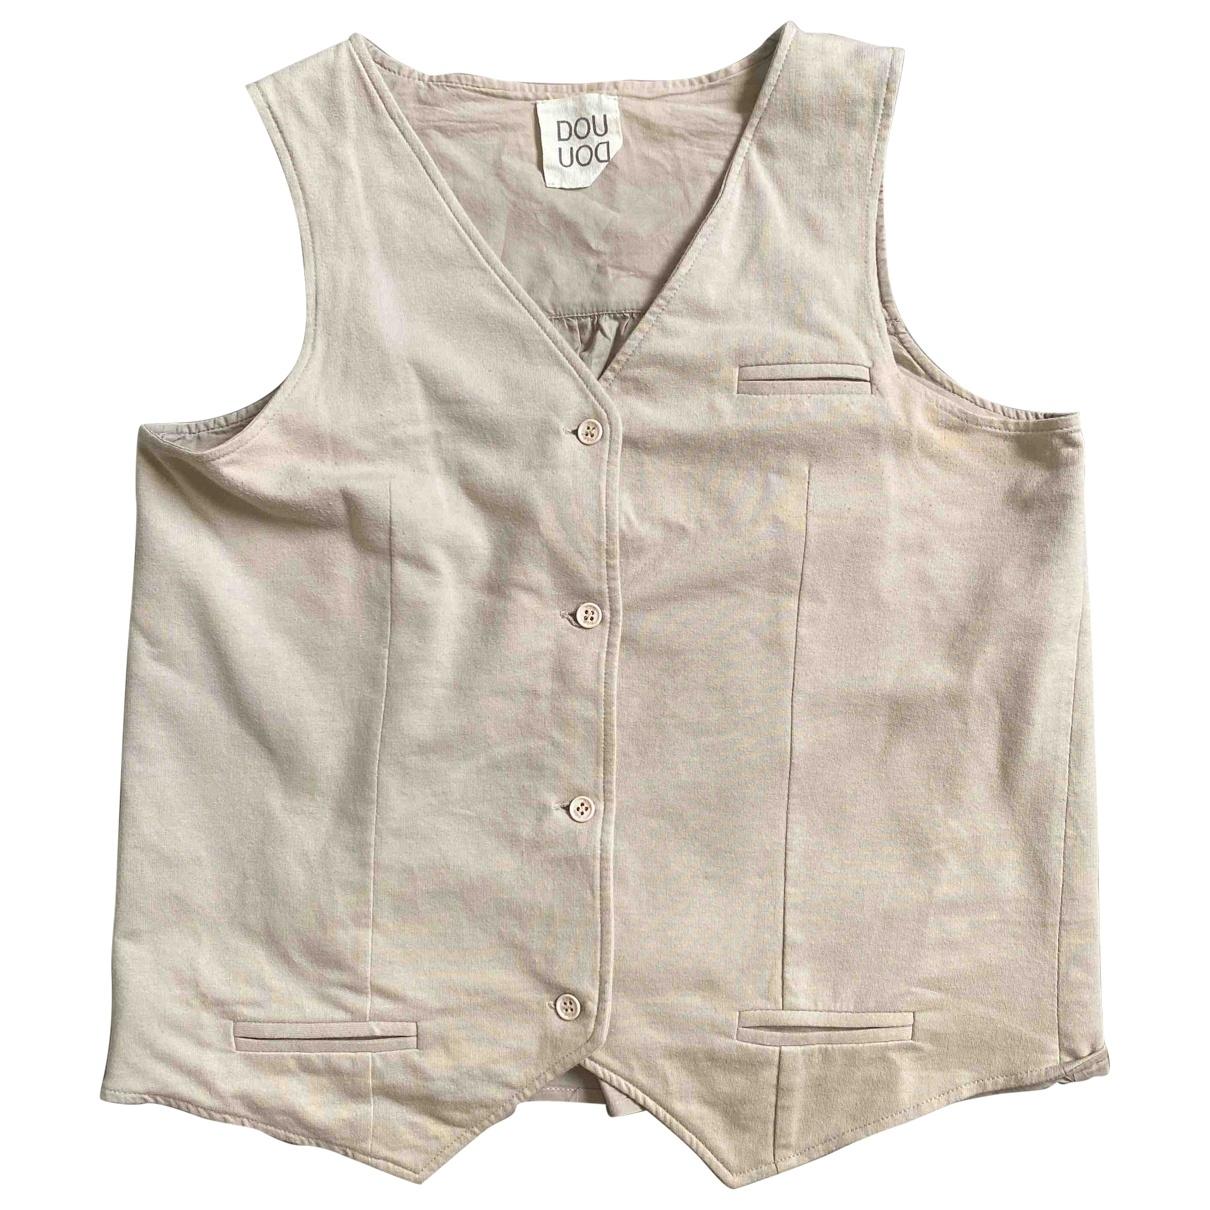 Douuod - Top   pour femme en coton - beige